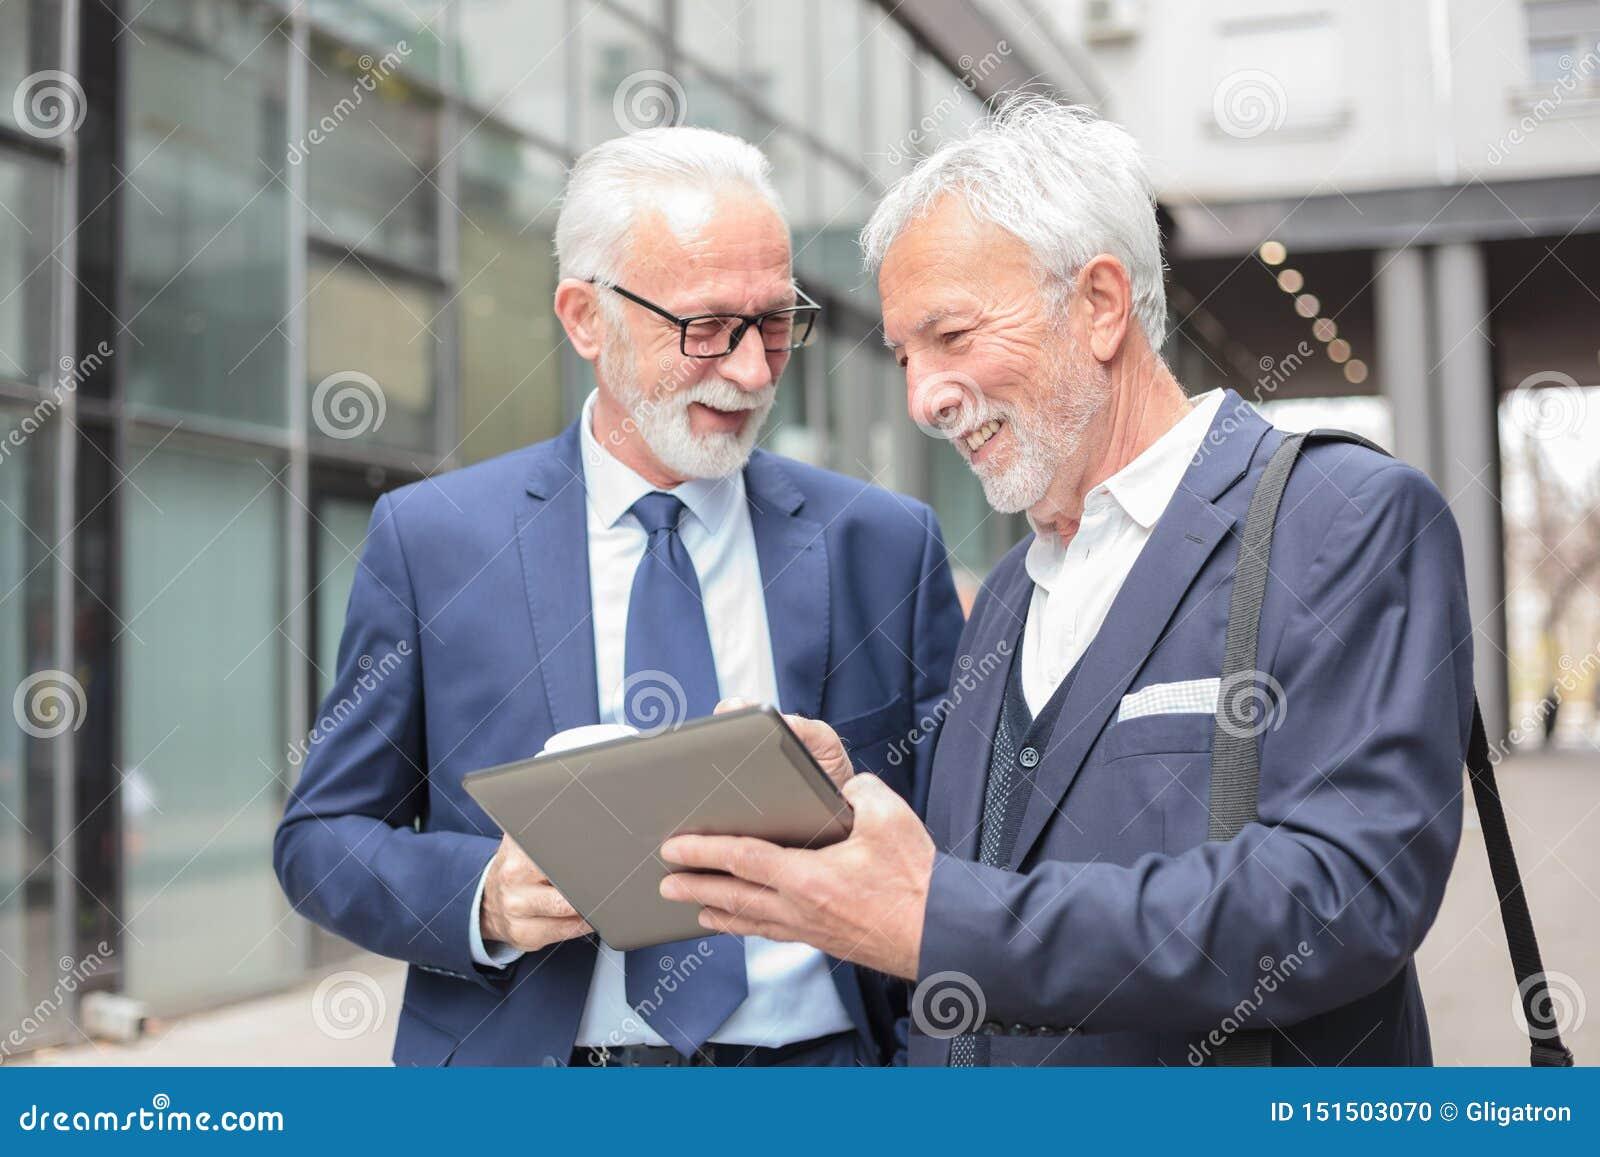 Zwei glückliche lächelnde ältere graue behaarte Geschäftsmänner, die an einer Tablette arbeiten